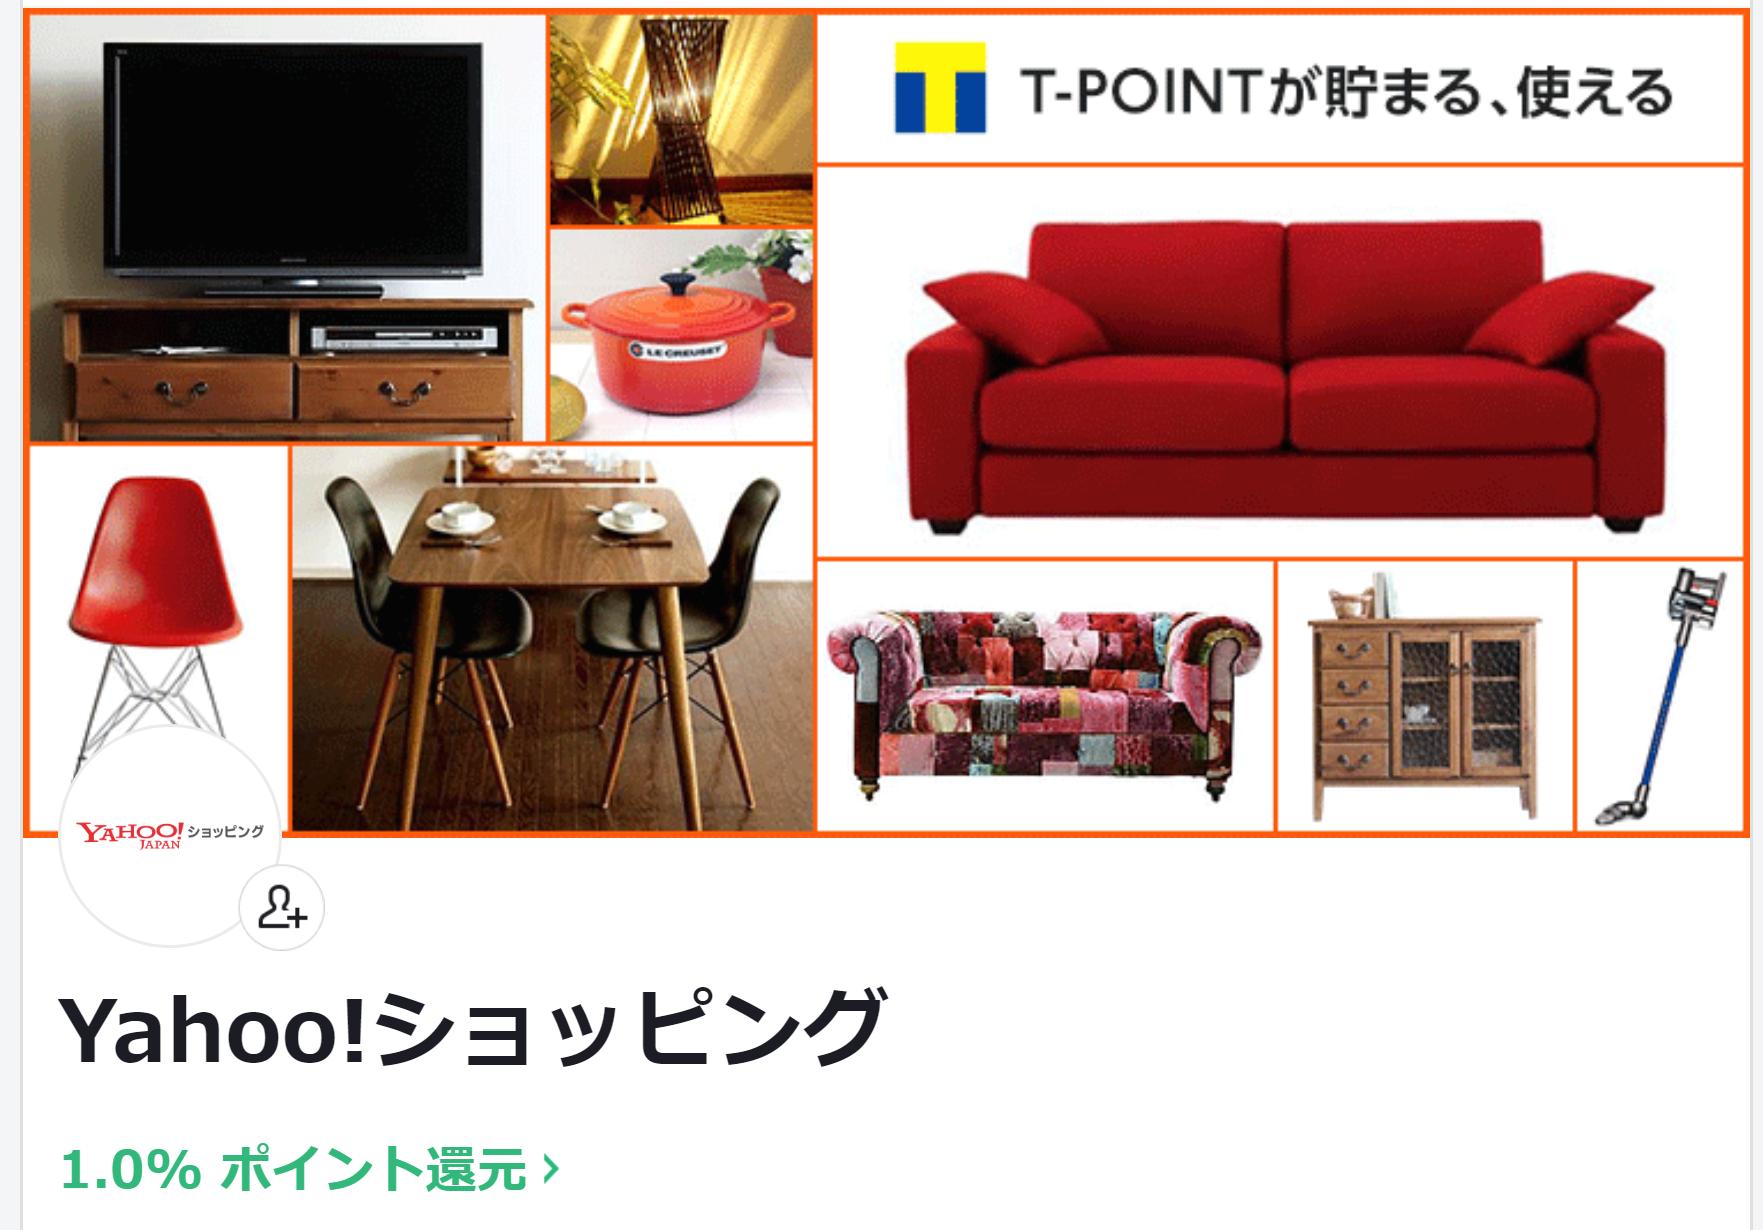 LINEショッピング 特別優待キャンペーン 10% ポイント せどり Yahoo!